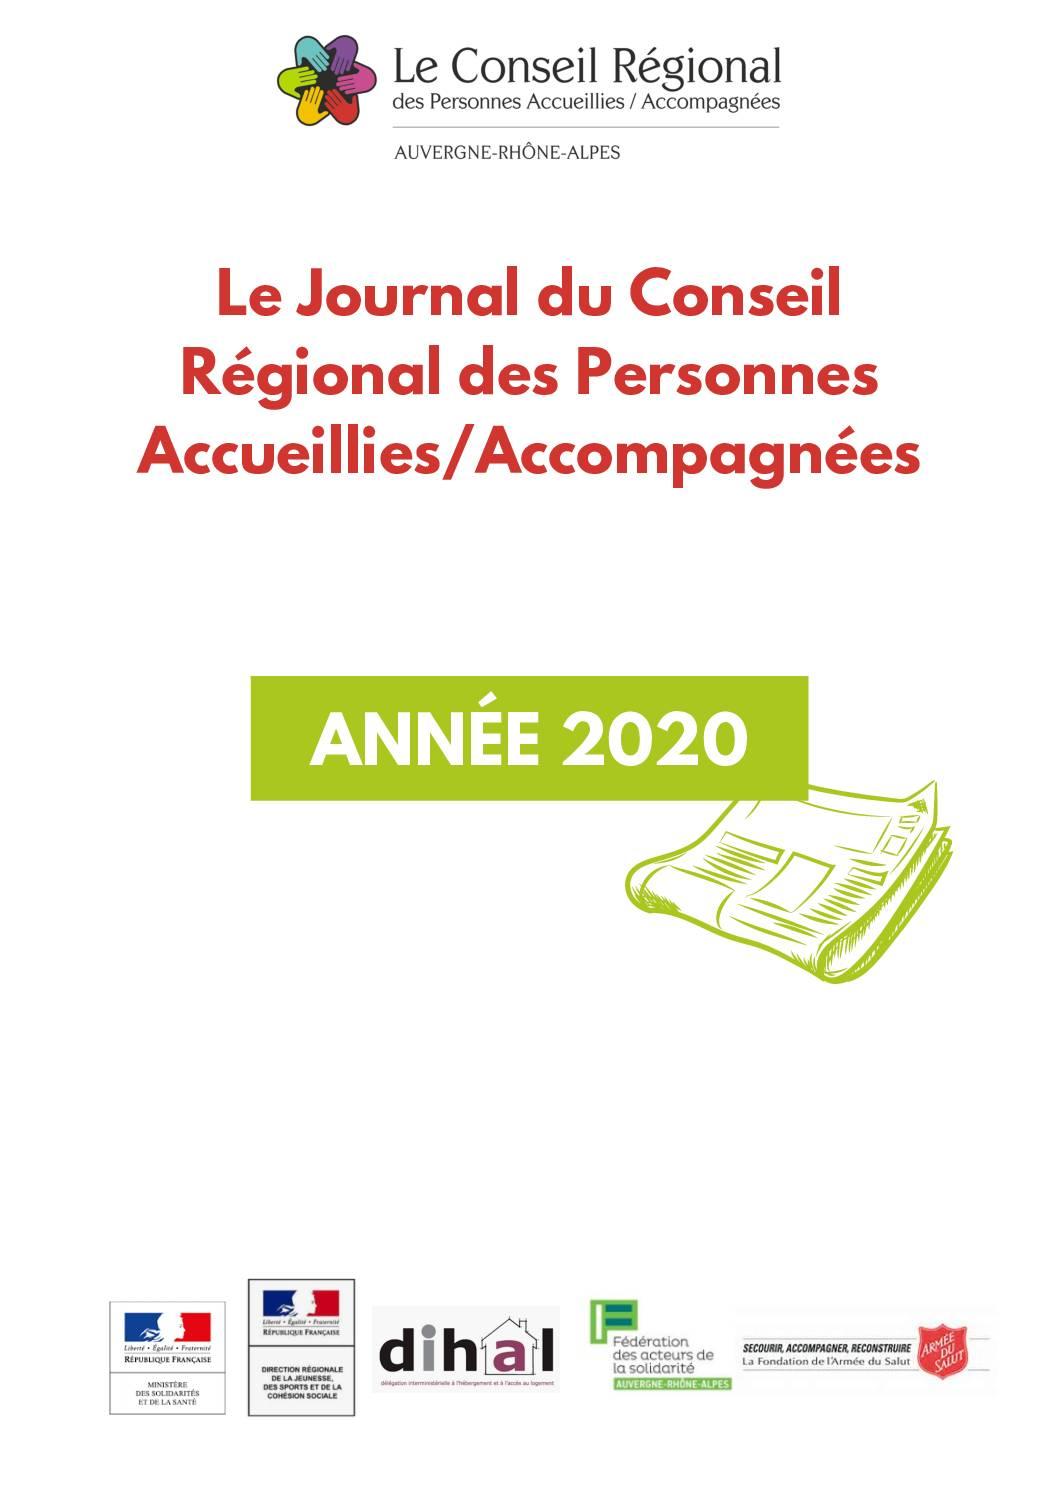 Le journal du CRPA 2020